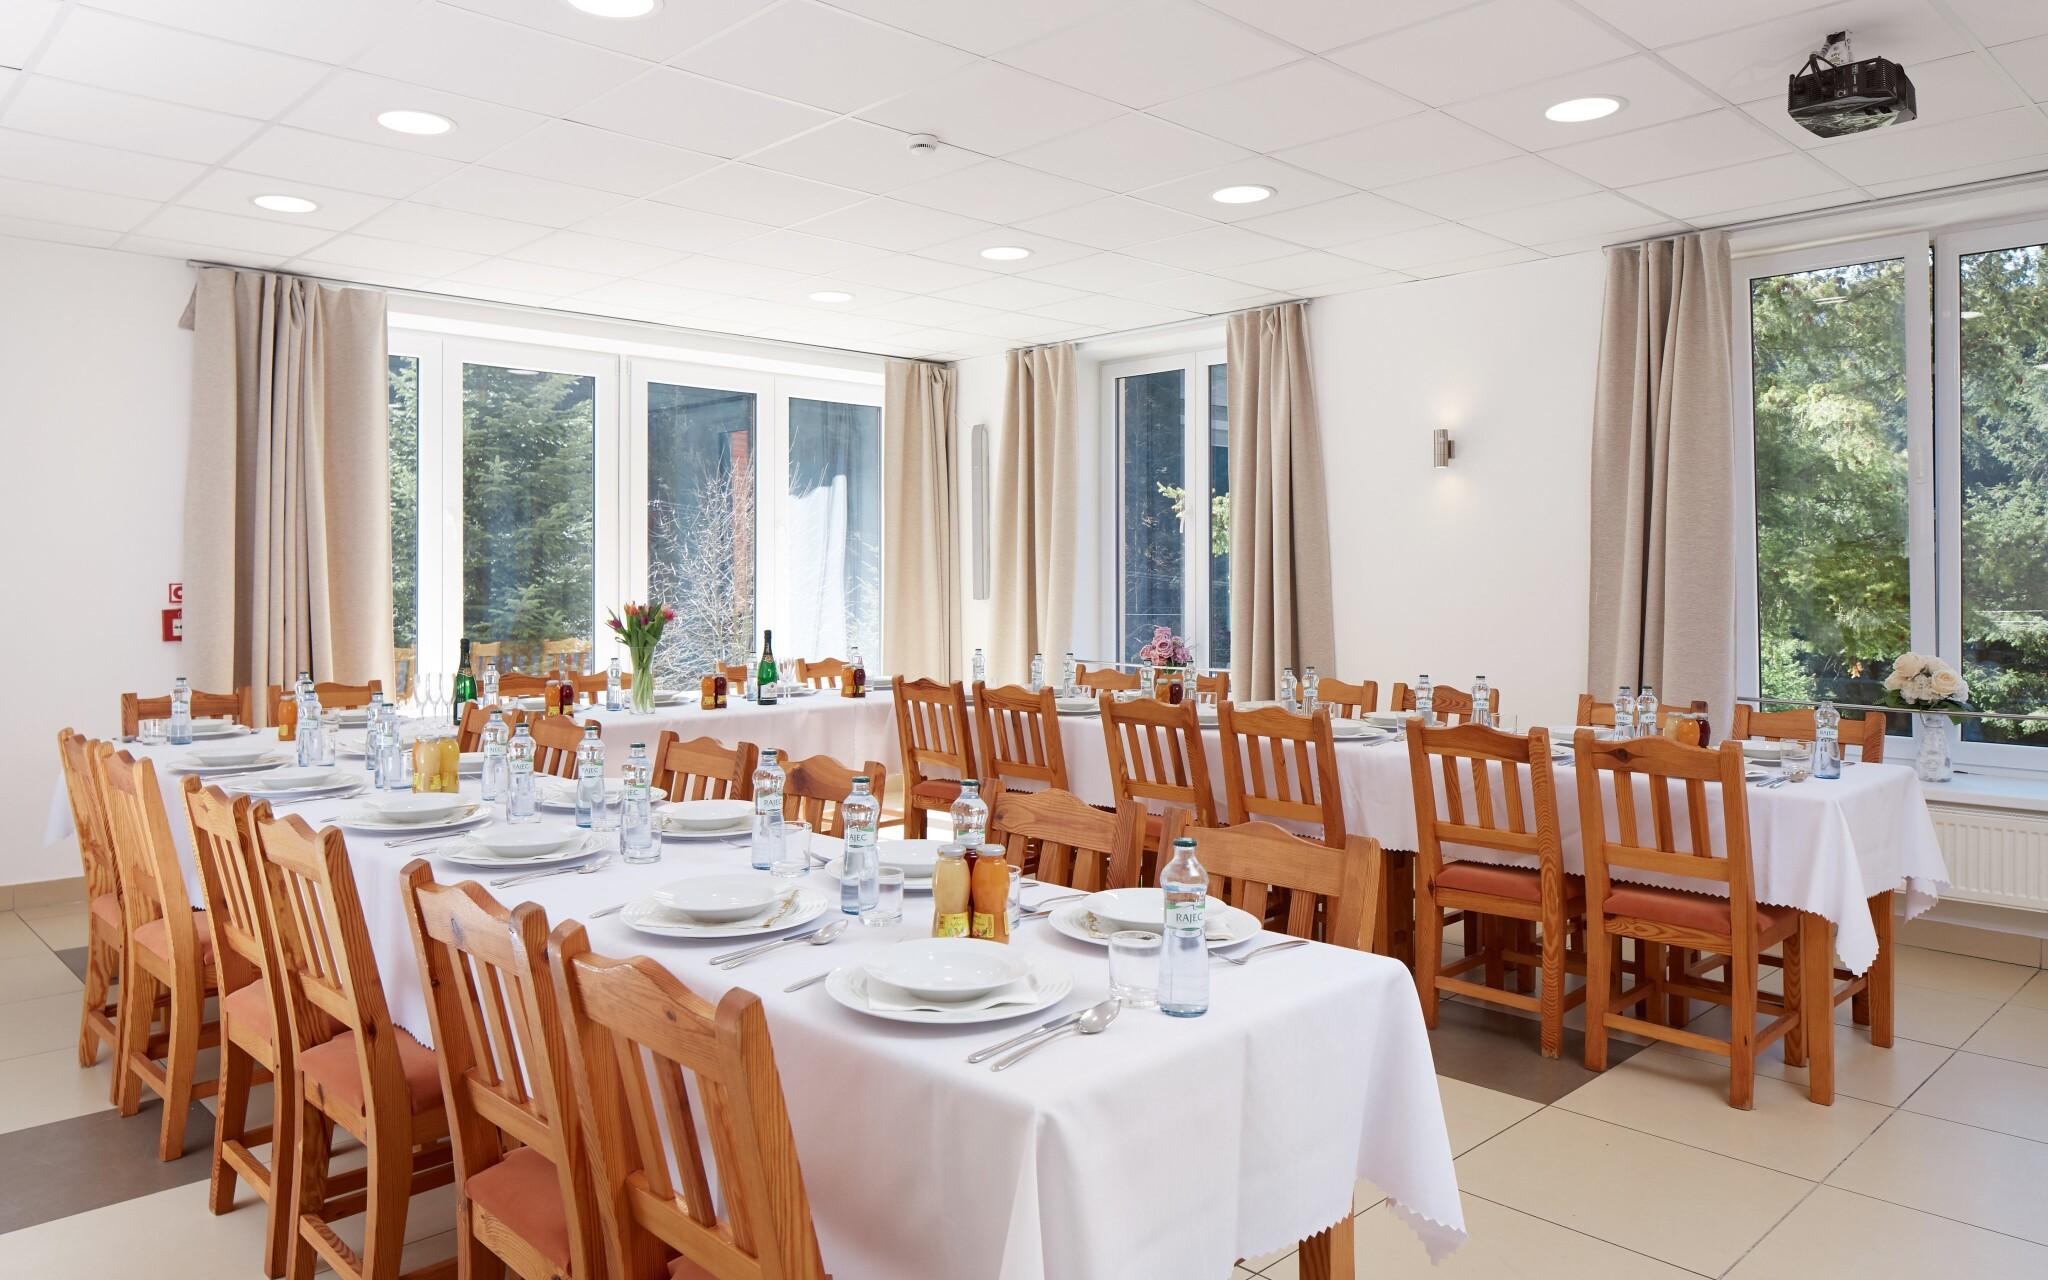 Restaurace Hotelu Javorník *** nabízí gurmánskou kuchyni